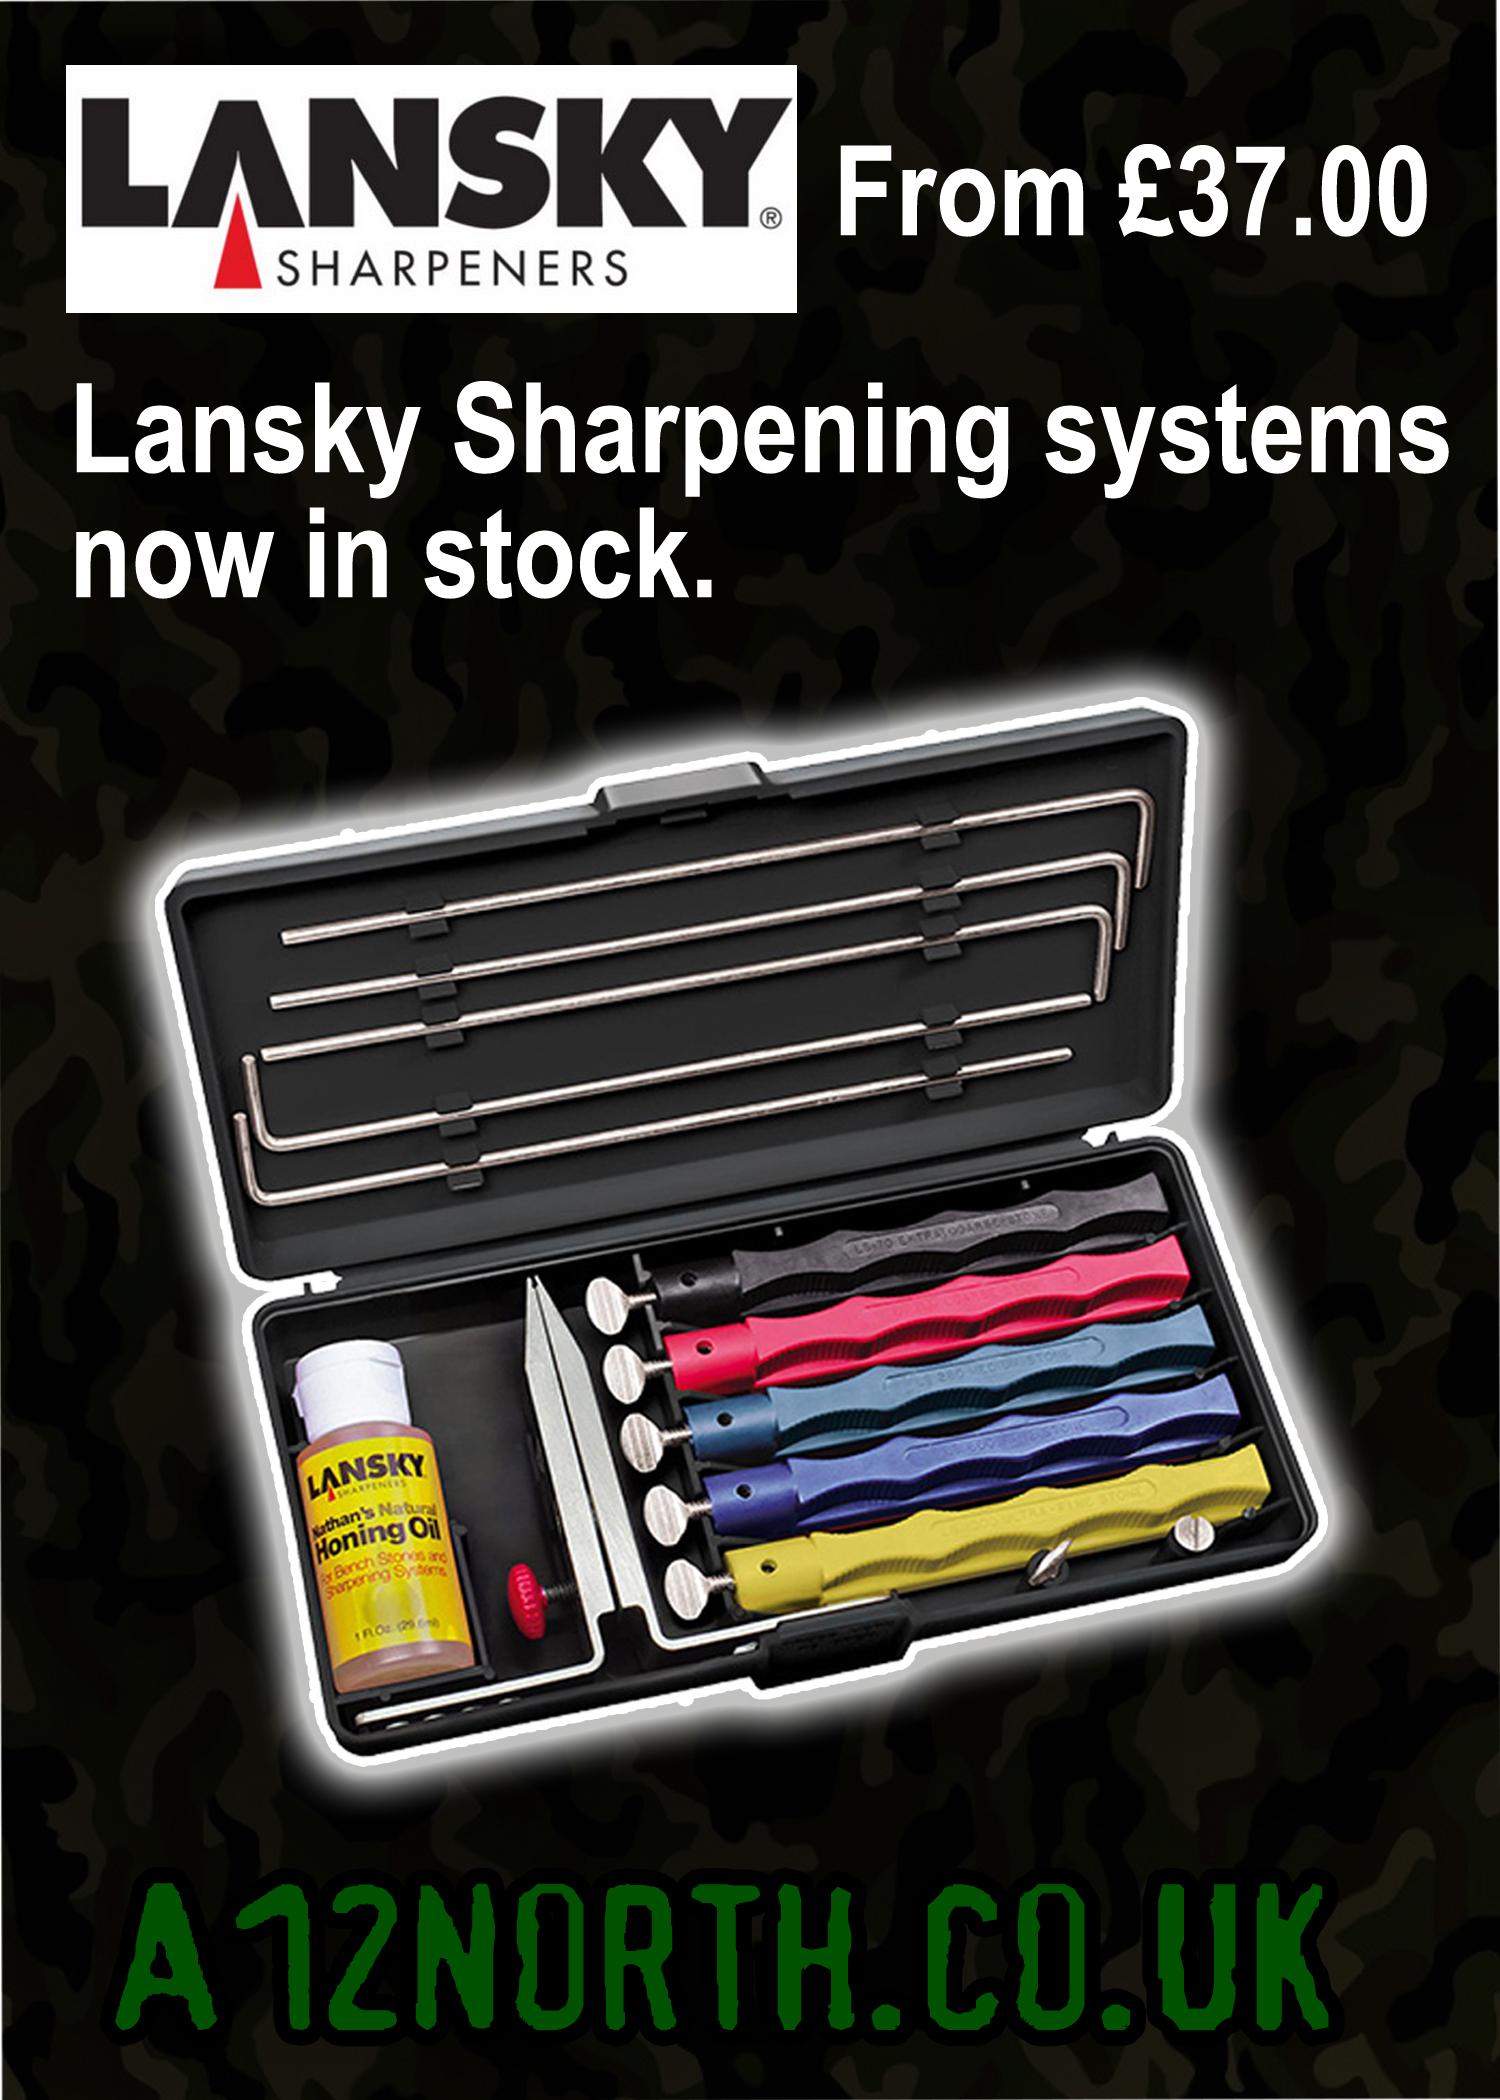 Lansky Promo